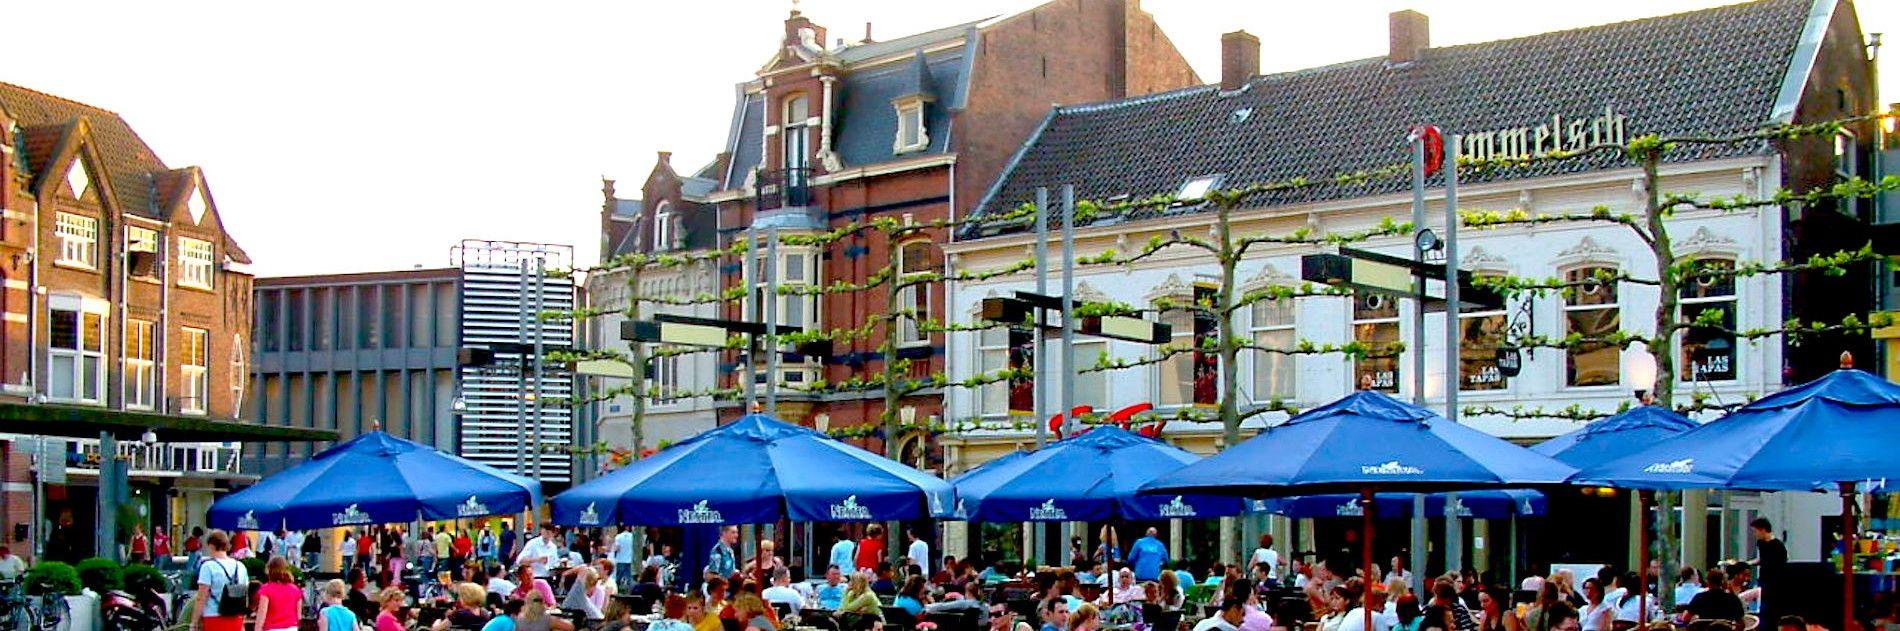 Wat zijn dé culturele hotspots in een studentenstad waar je gaat wonen dit nieuwe schooljaar? Wij geven tips, en dit keer is dat Op Kamers in Tilburg.